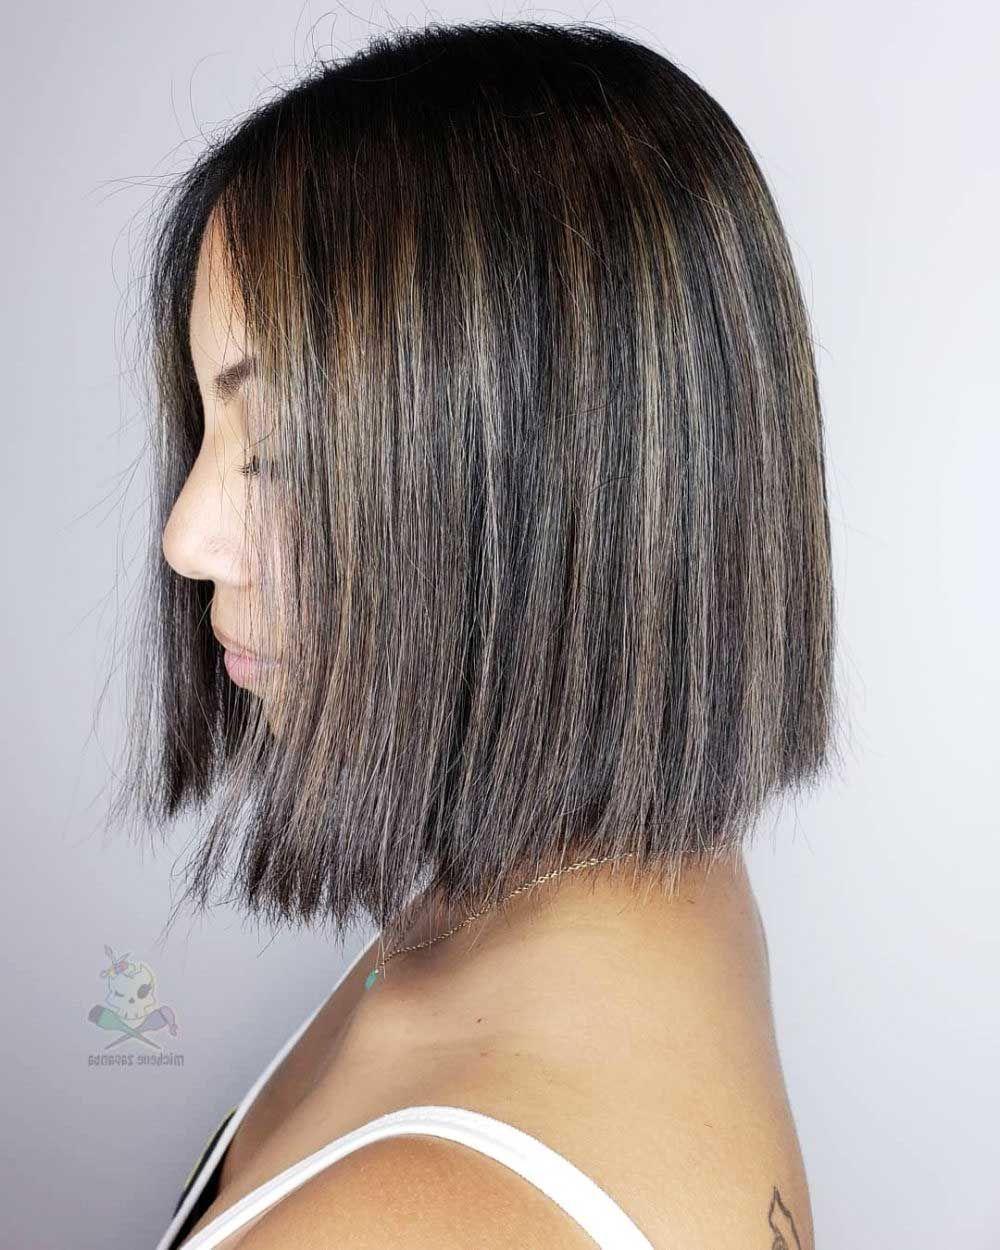 28 Atemberaubende Balayage Farben für Kurze Haare im Jahr